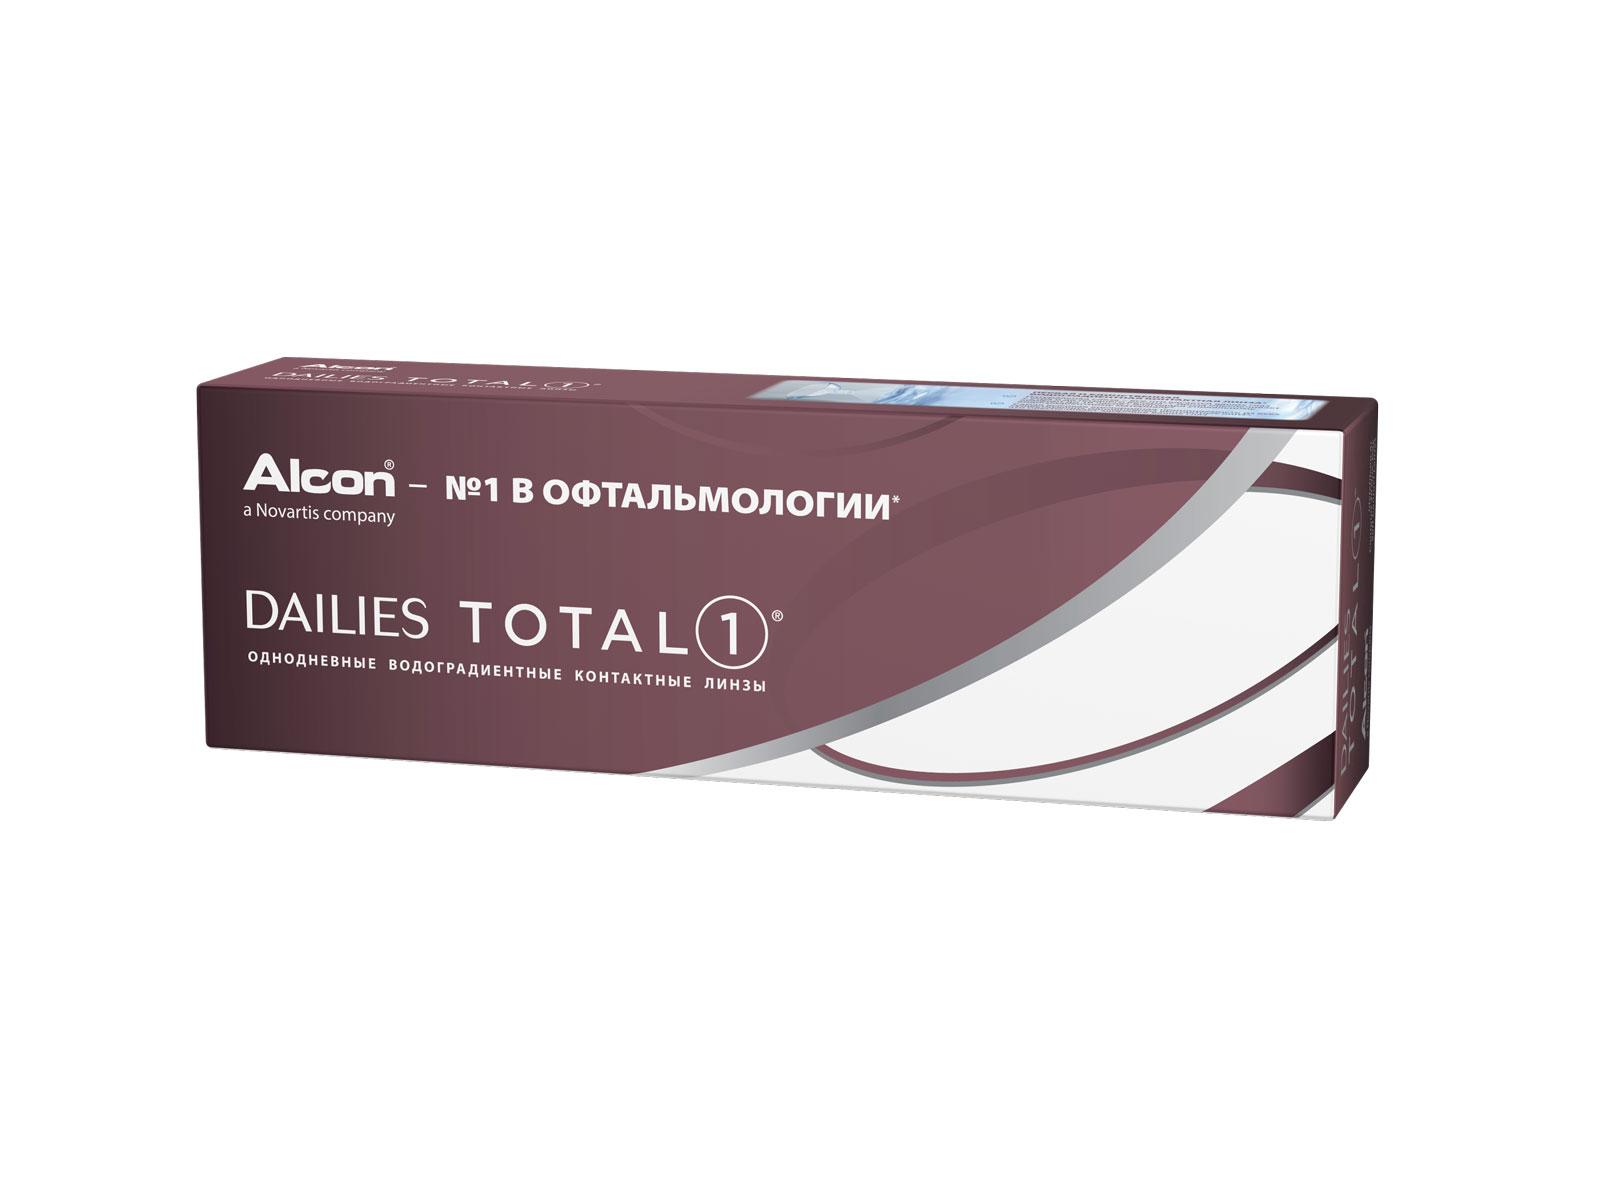 Alcon контактные линзы Dailies Total 1 30pk /+4.75 / 8.5 / 14.1100012273Dailies Total 1 – линзы, которые не чувствуешь с утра и до поздного вечера. Эти однодневные контактные линзы выполнены из уникального водоградиентного материала, багодаря которому натуральная слеза – это все, что касается ваших глаз. Почти 100% влаги на поверхности обеспечивают непревзойденный комфорт до 16 часов ношения.